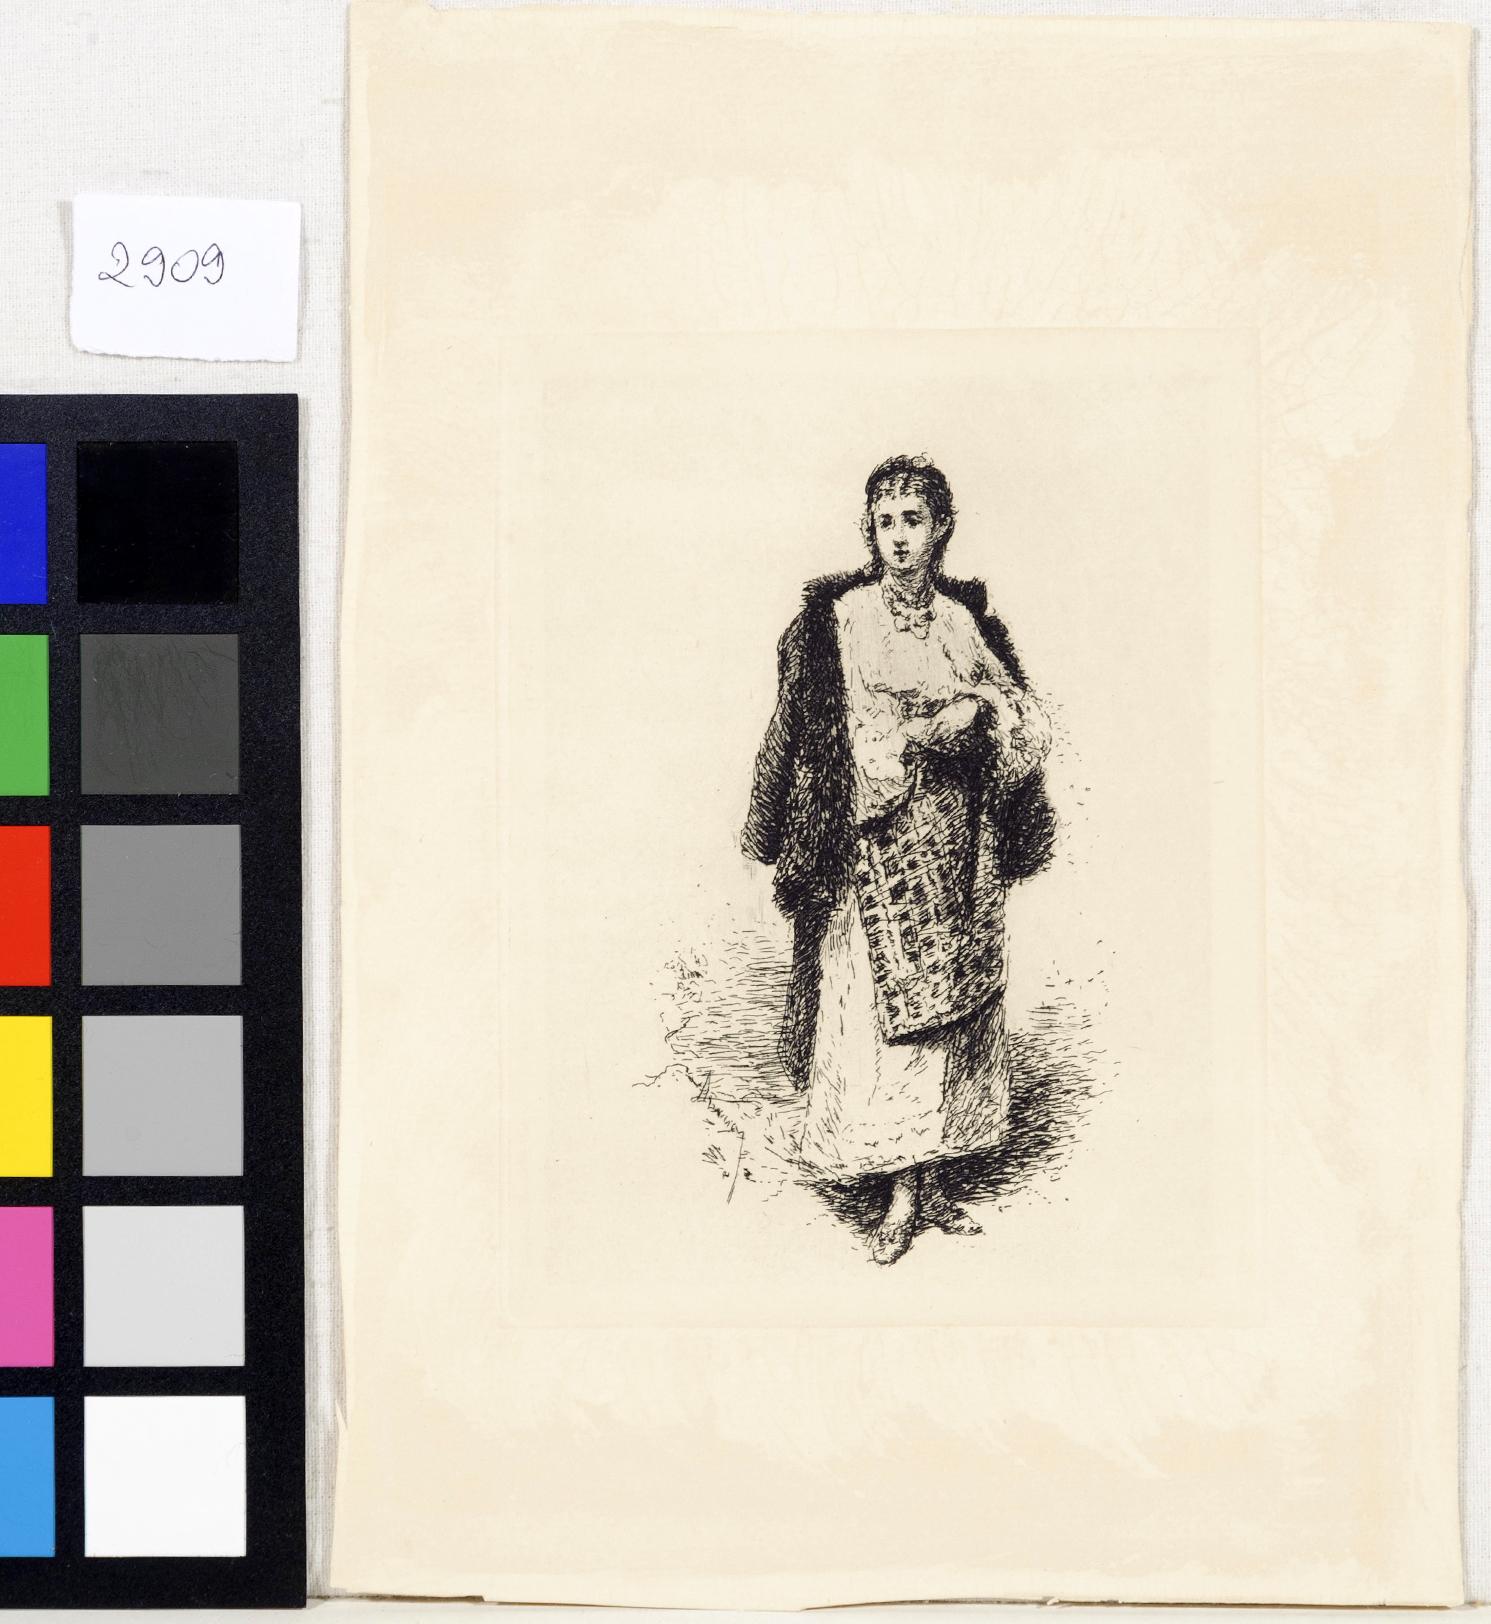 Gravură - Aman, Theodor; Ţăranca - Muzeul Naţional de Artă al României - BUCUREŞTI (Patrimoniul Cultural National Mobil din Romania. Ordin de clasare: 3933/21.11.2016 - Fond)